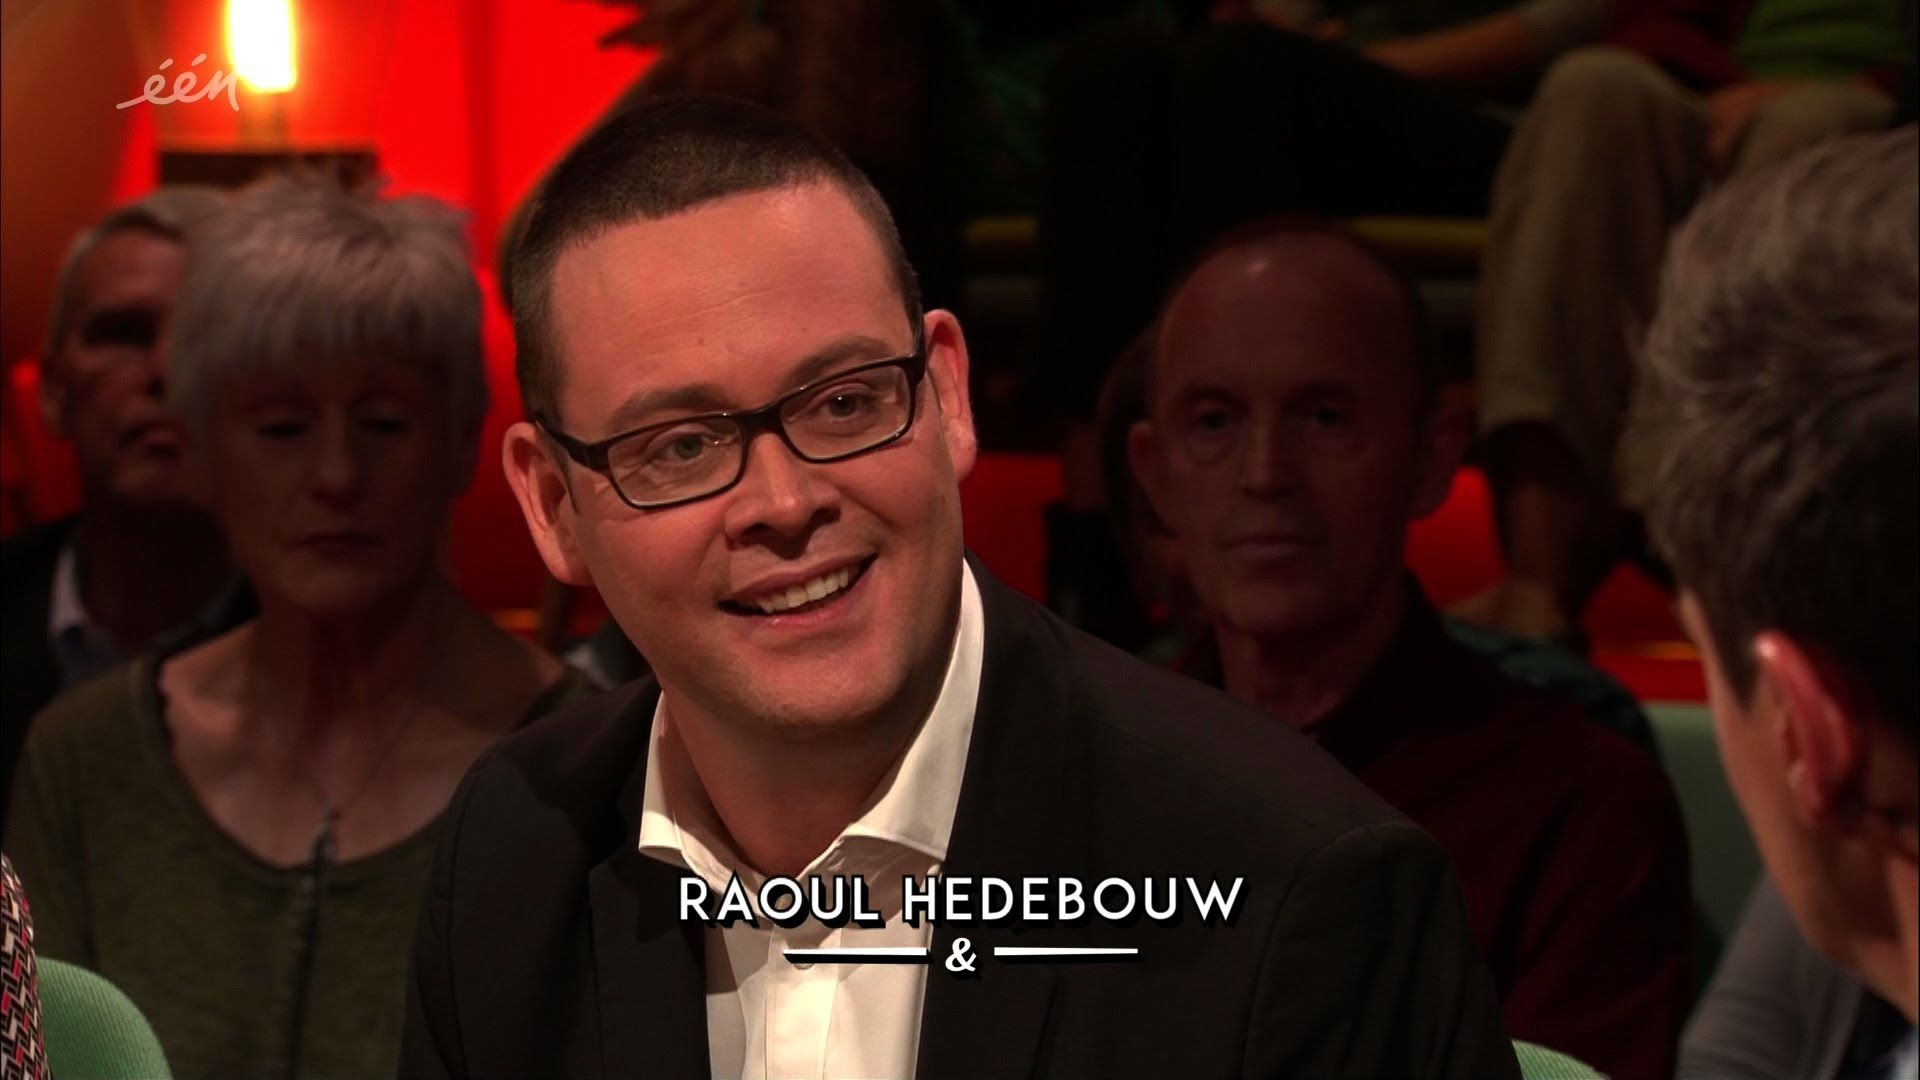 'Politieke wonderboy' Raoul Hedebouw (PVDA) bij Van Gils en Gasten